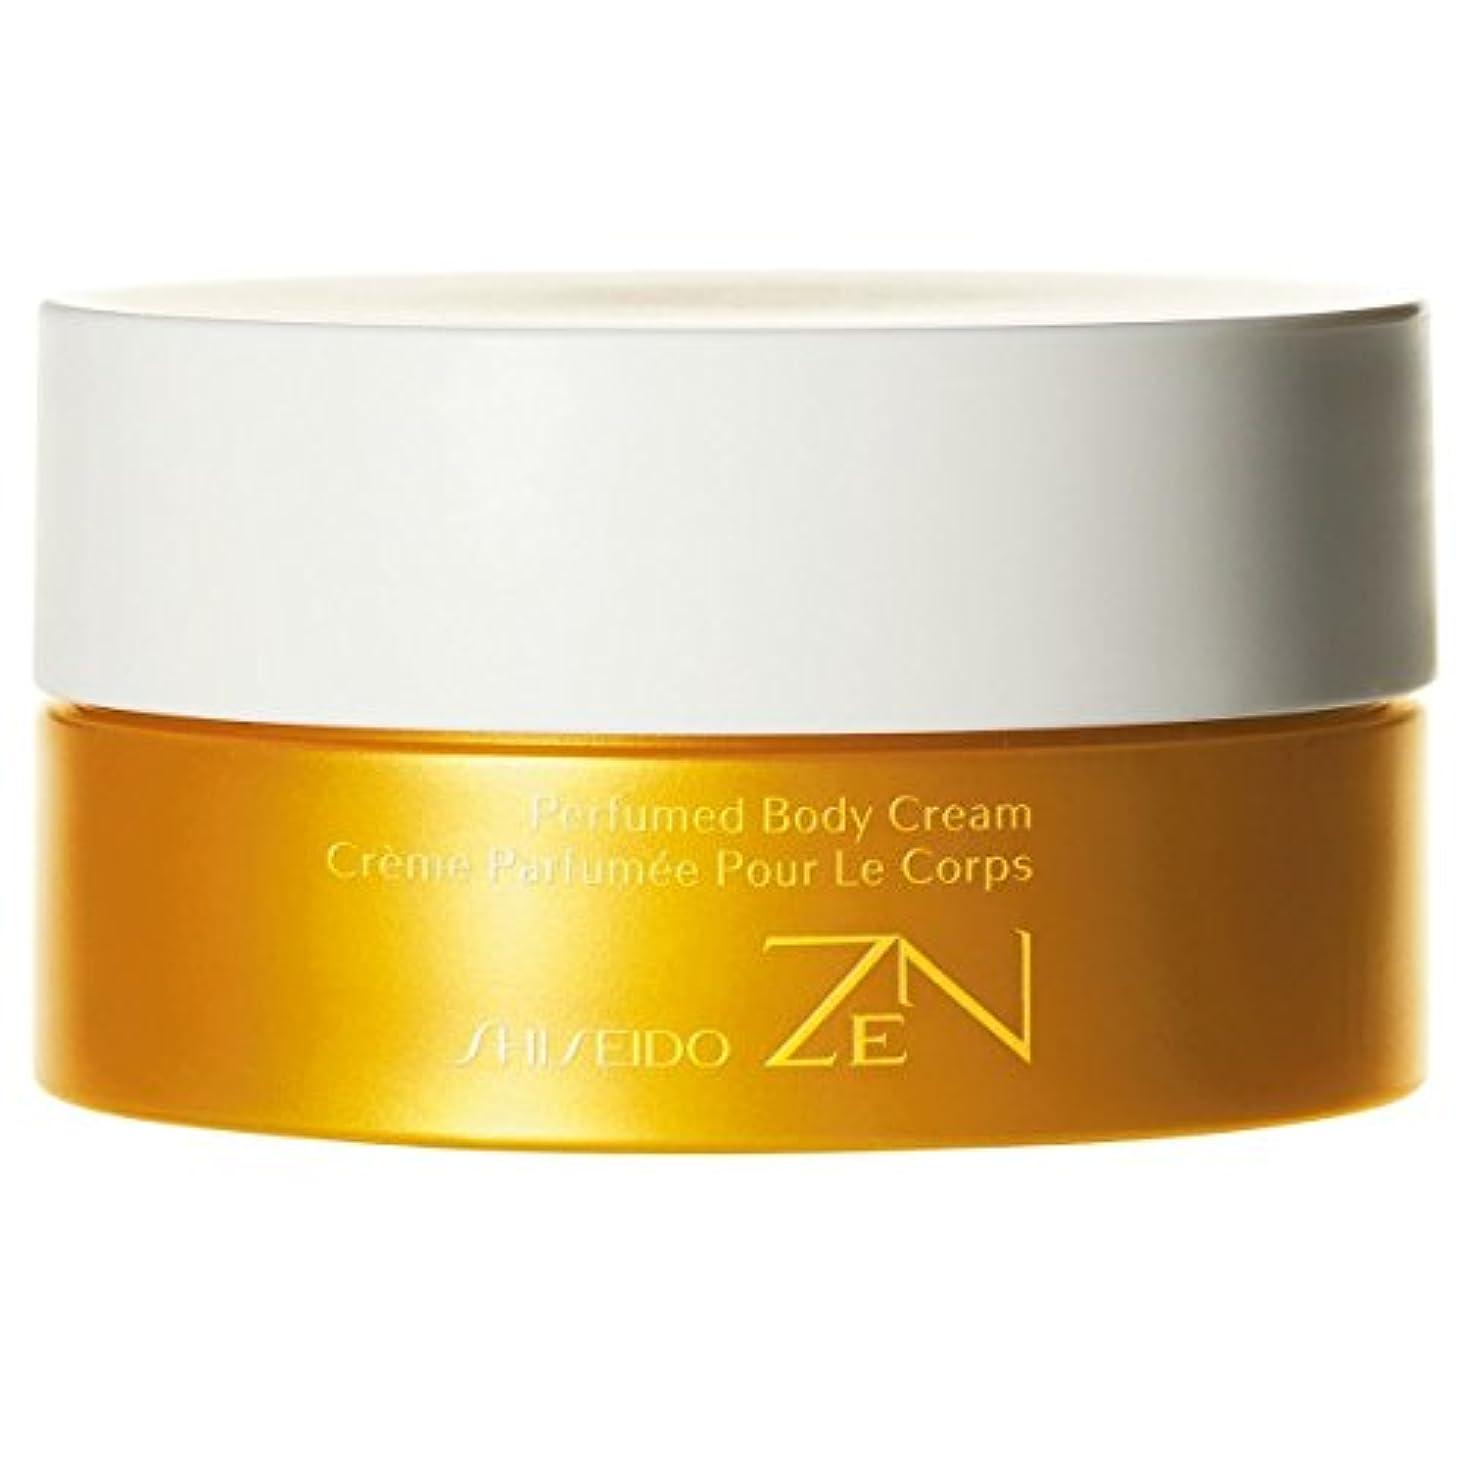 検出する消毒する鑑定[Shiseido ] 資生堂禅香りのボディクリーム200ミリリットル - Shiseido Zen Perfumed Body Cream 200ml [並行輸入品]